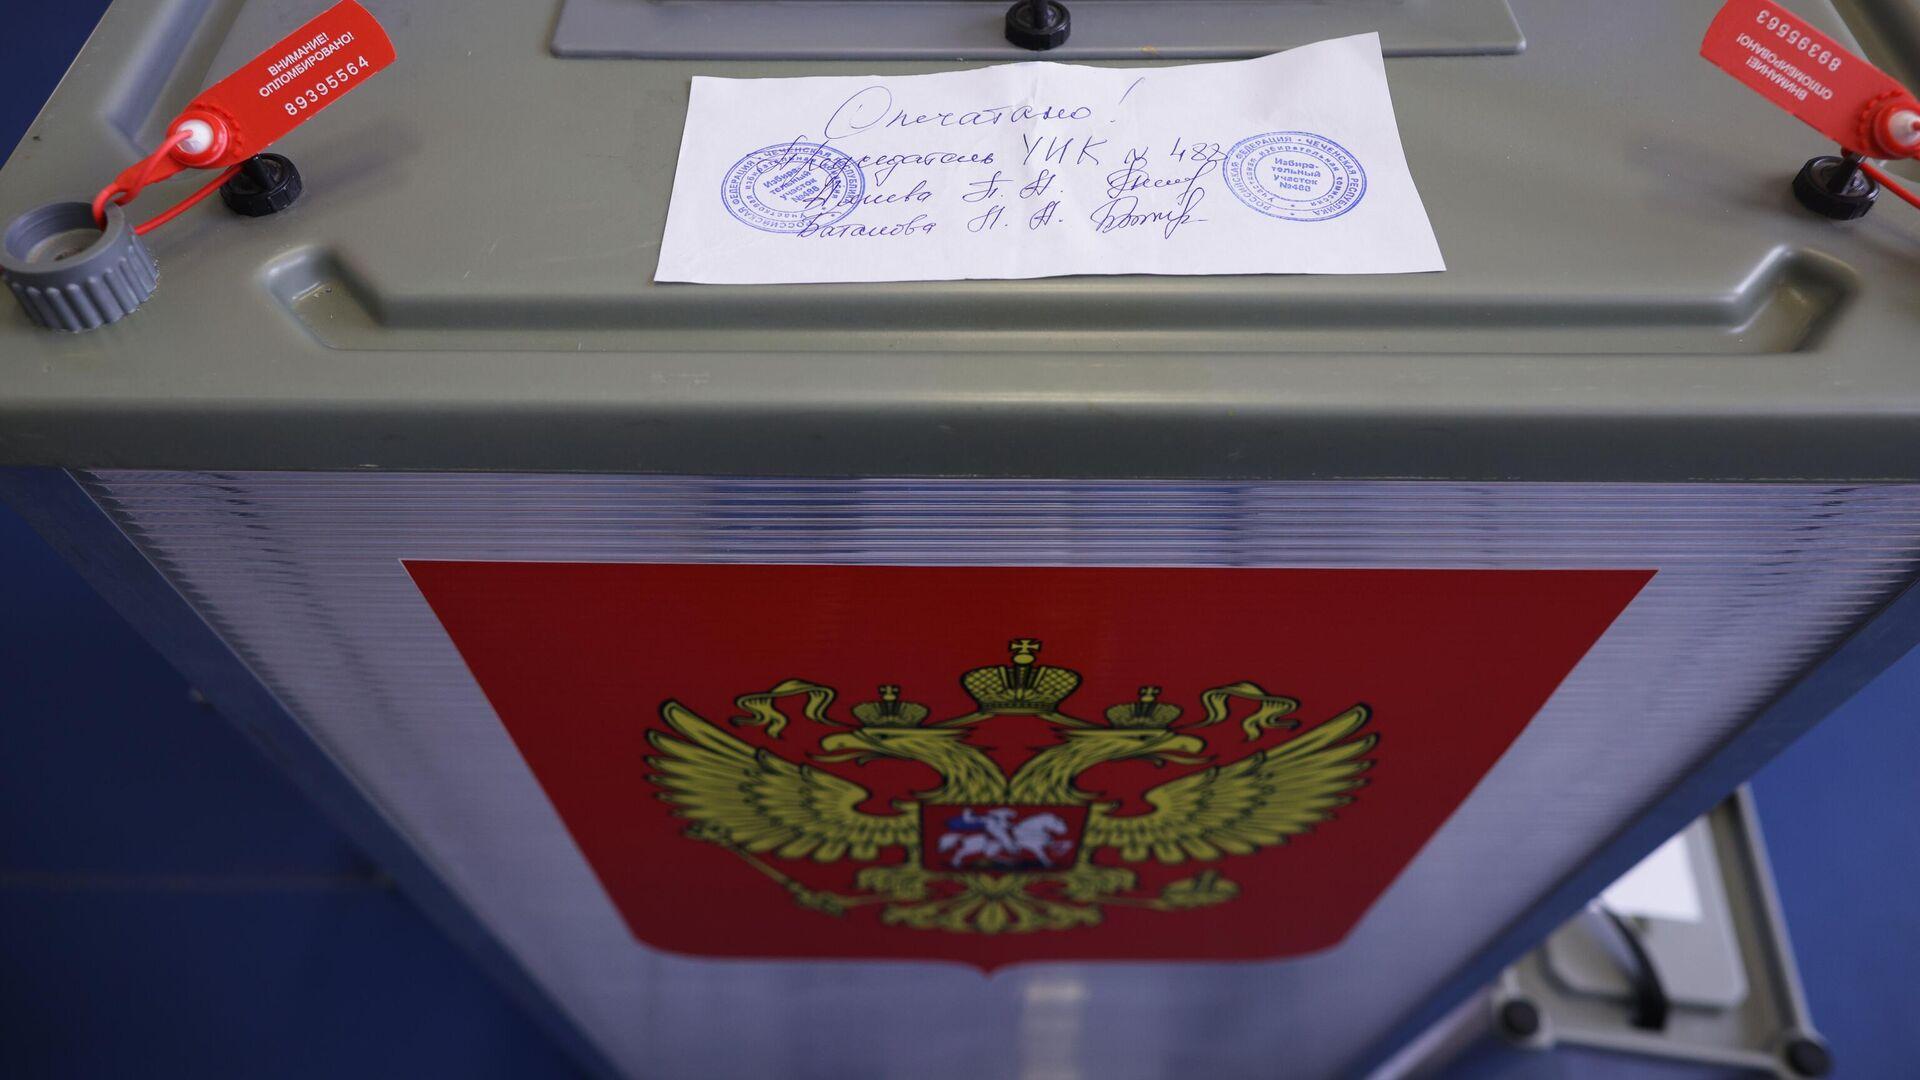 Избирательная урна на избирательном участке на выборах в России - Sputnik Латвия, 1920, 22.09.2021